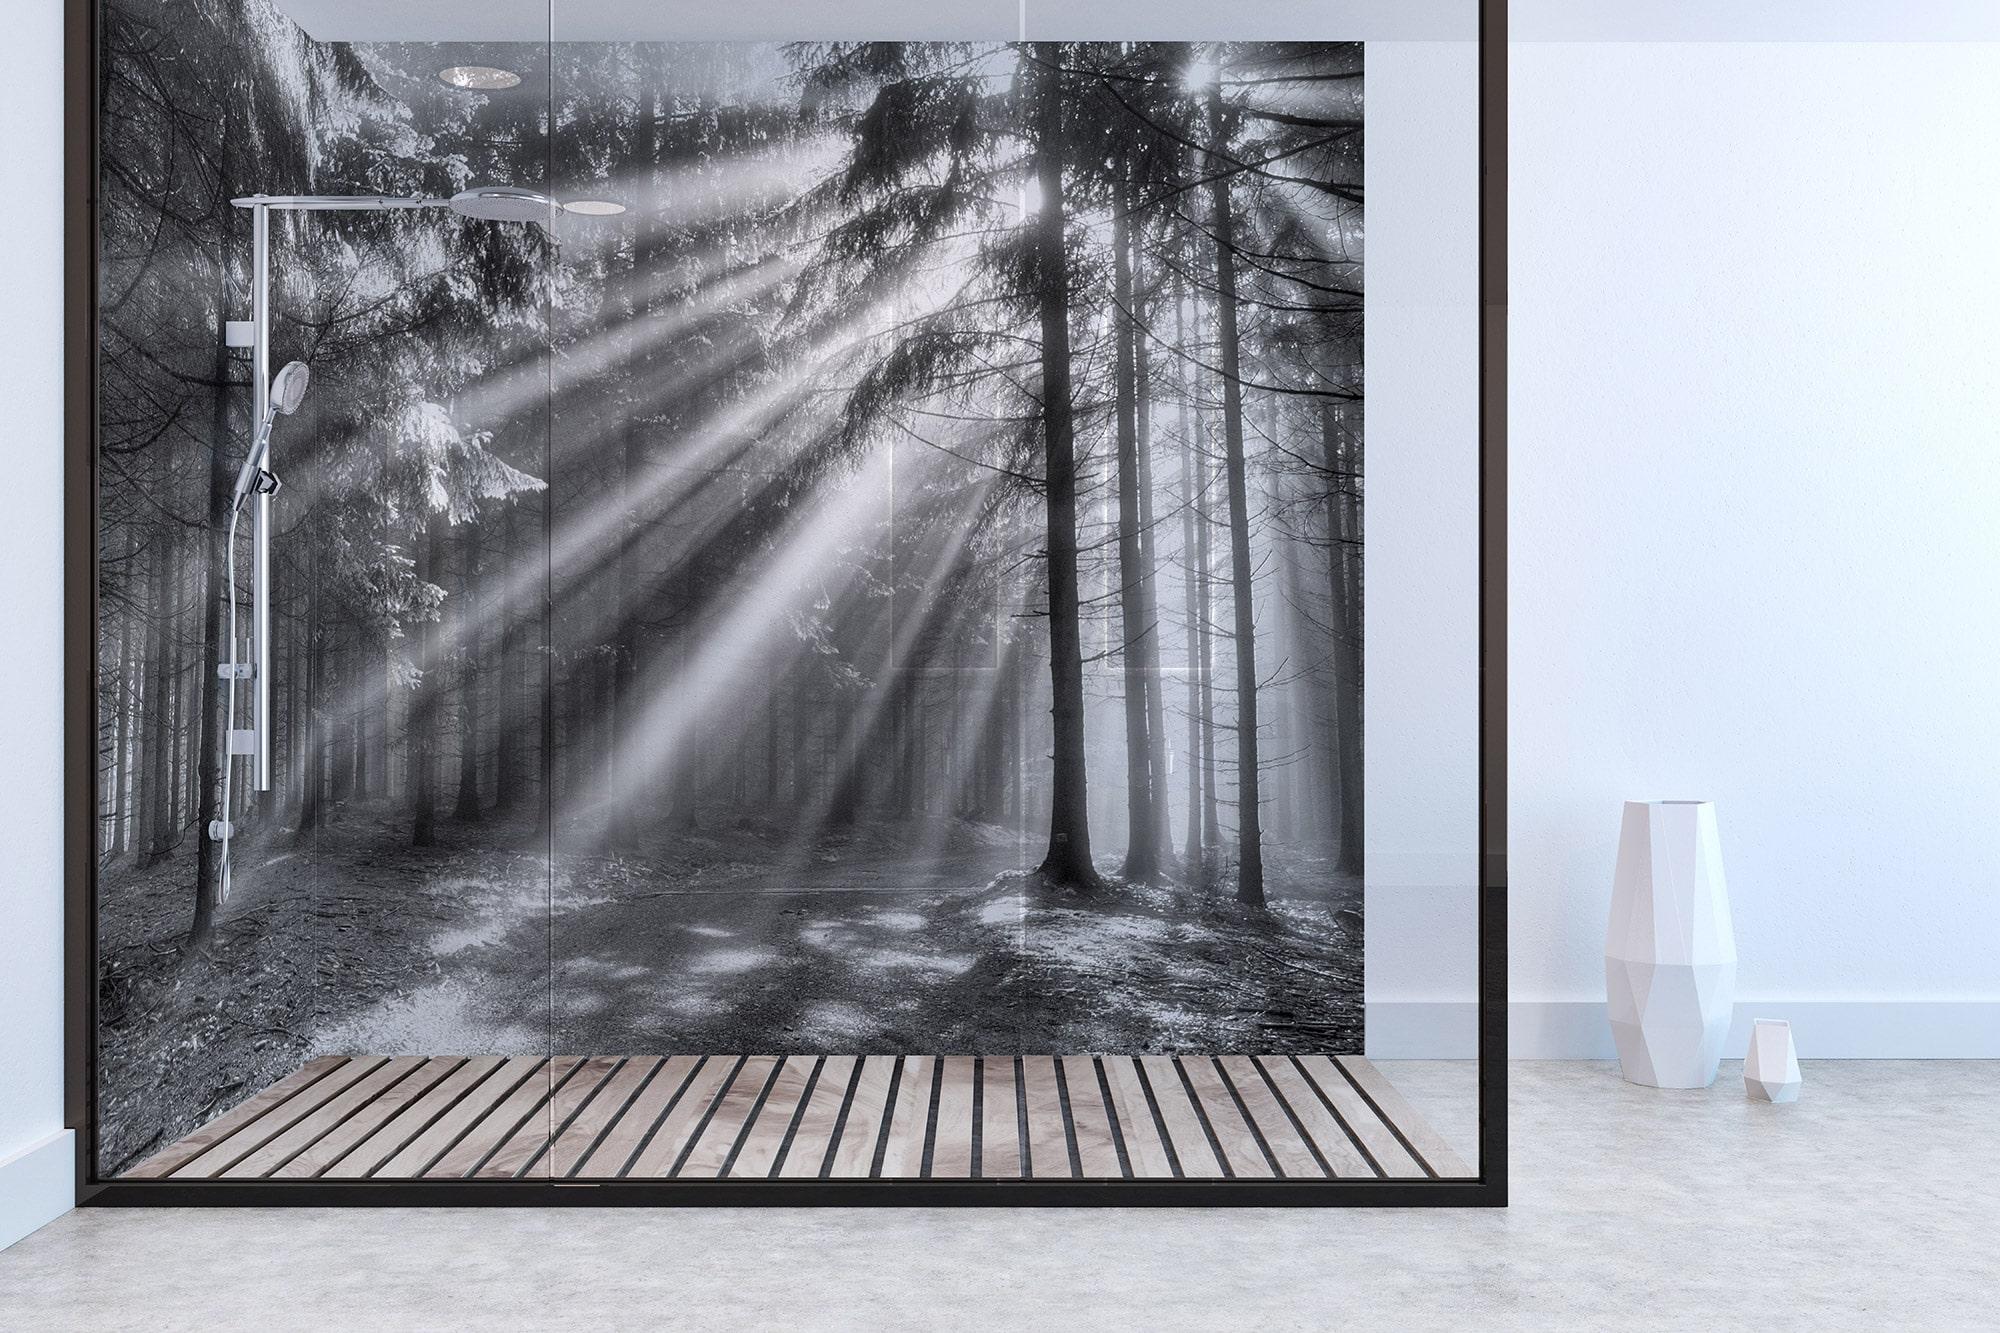 dusche-rueckwand-Wandplatte-Duschrückwand-Platte